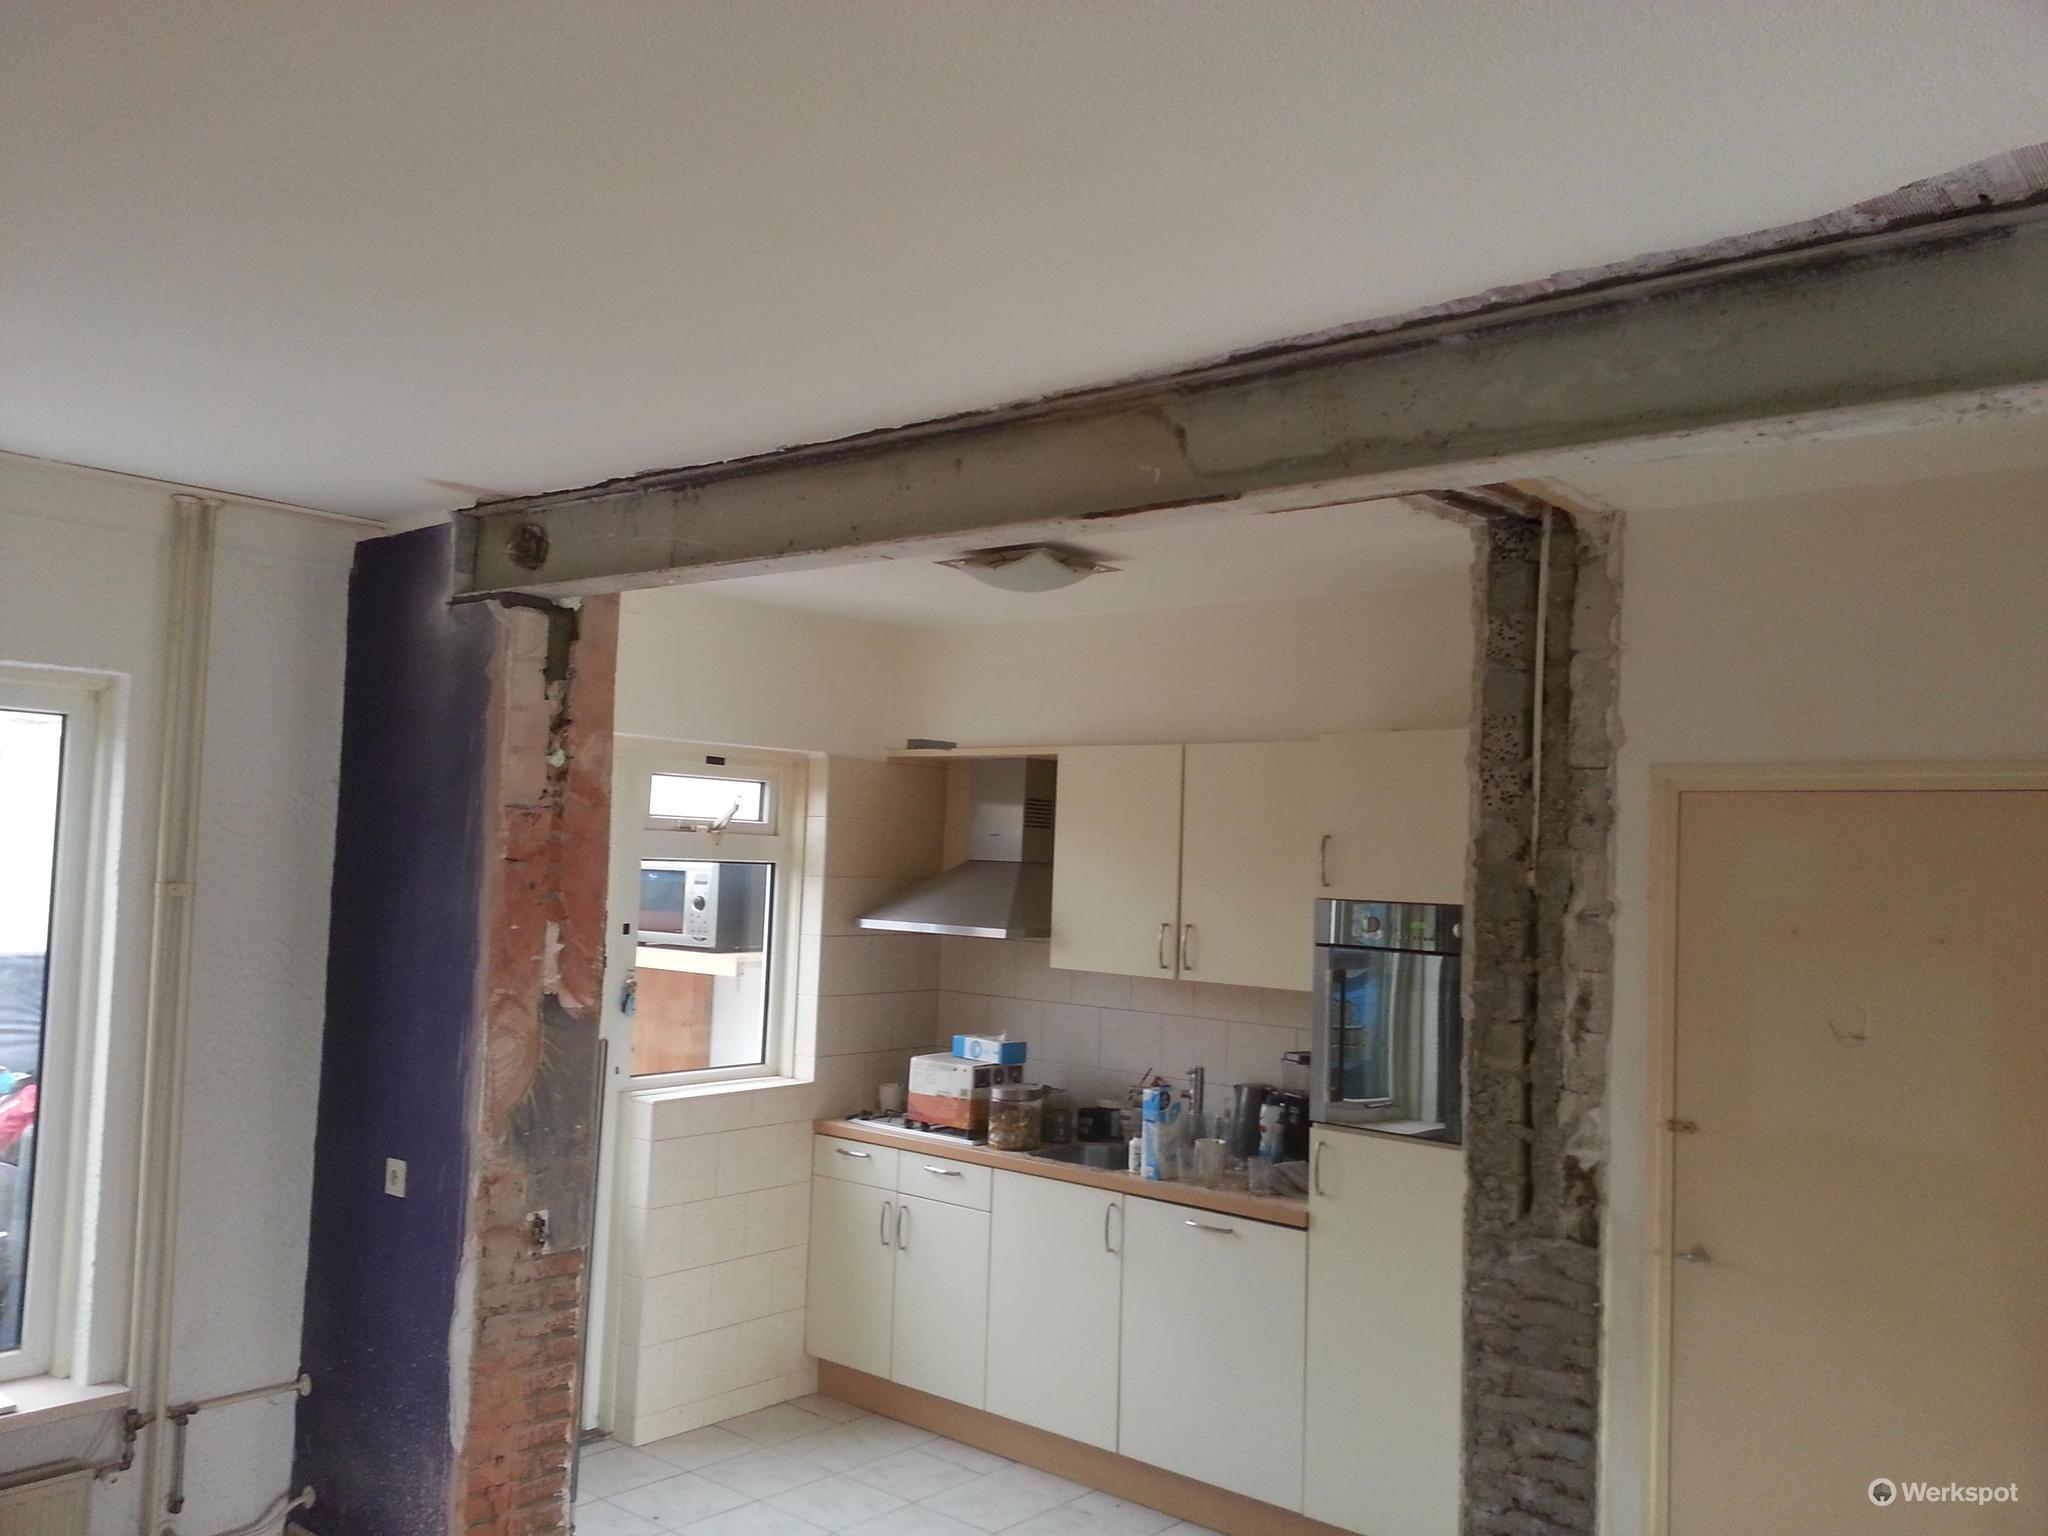 Verwijderen draagmuur voor open keuken werkspot - Keuken open voor woonkamer ...